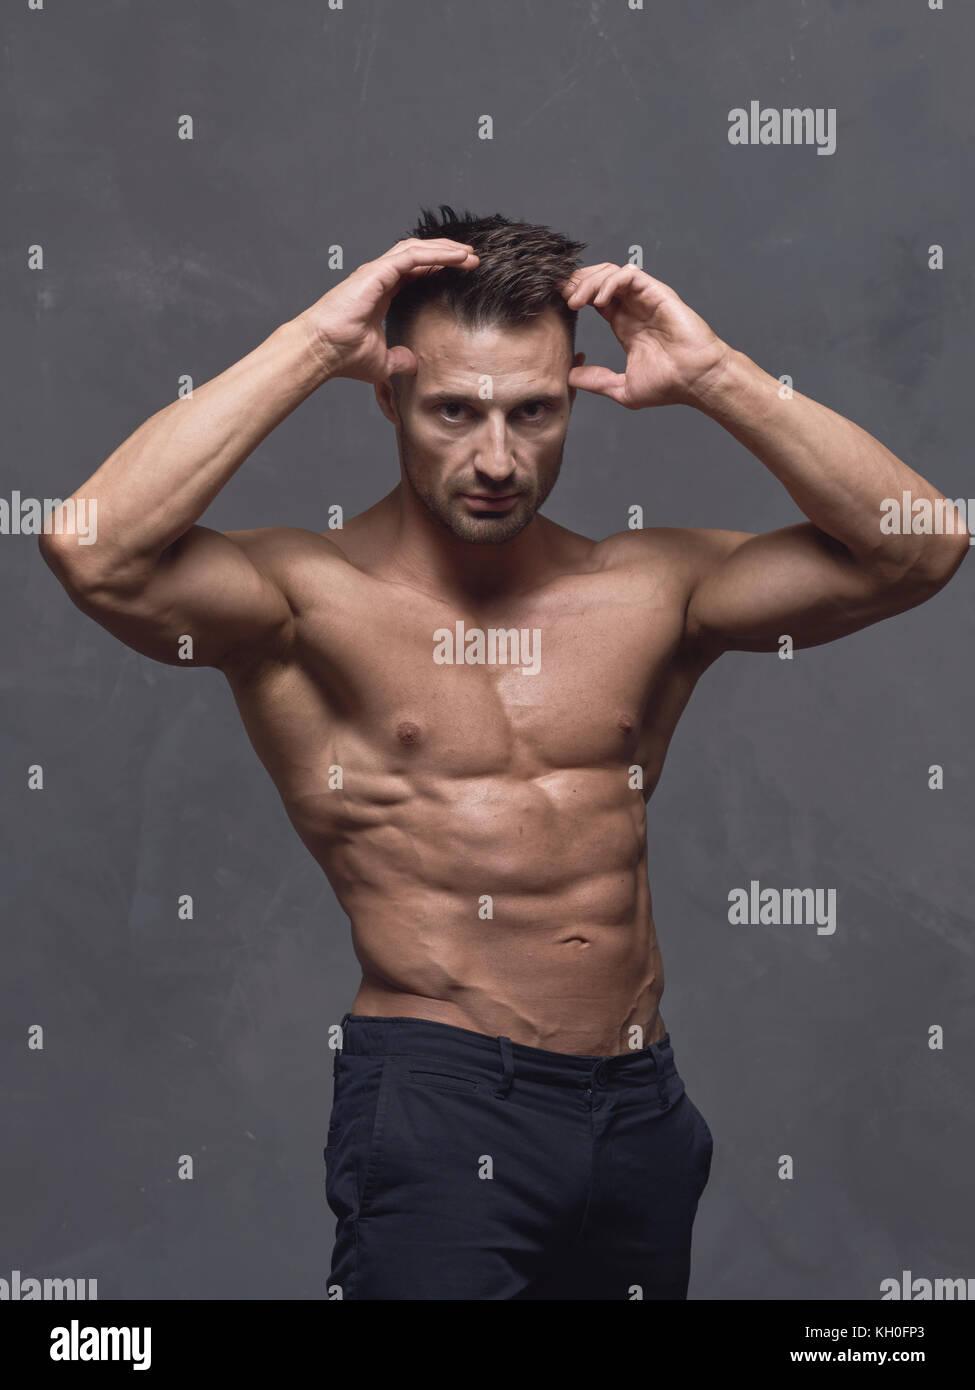 un homme aux cheveux noir avec une coupe courte est debout pres du mur texture gris le gars a strong muscle les bras et les epaules